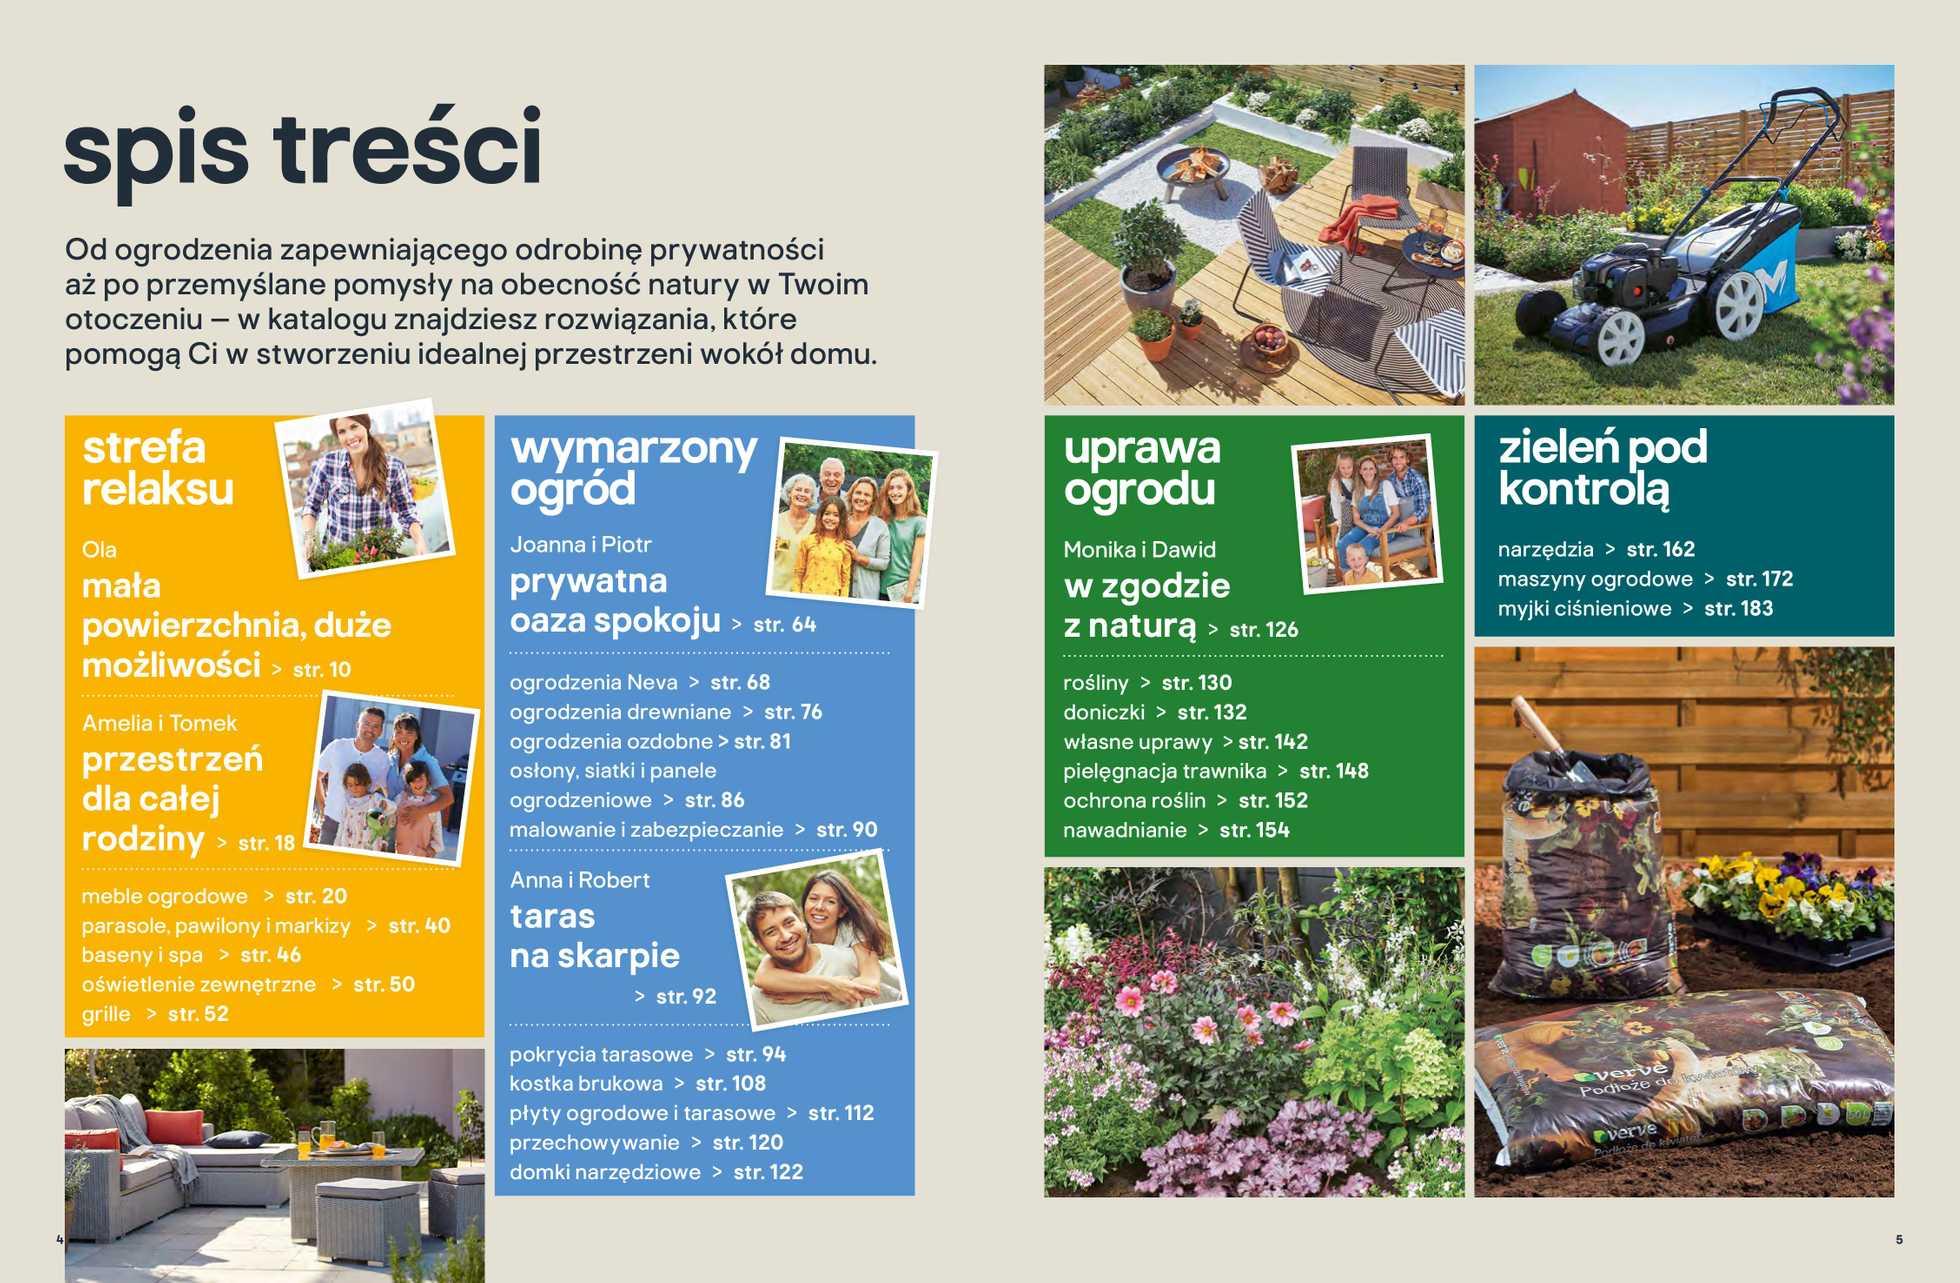 Castorama - gazetka promocyjna ważna od 16.03.2020 do 31.05.2020 - strona 3.